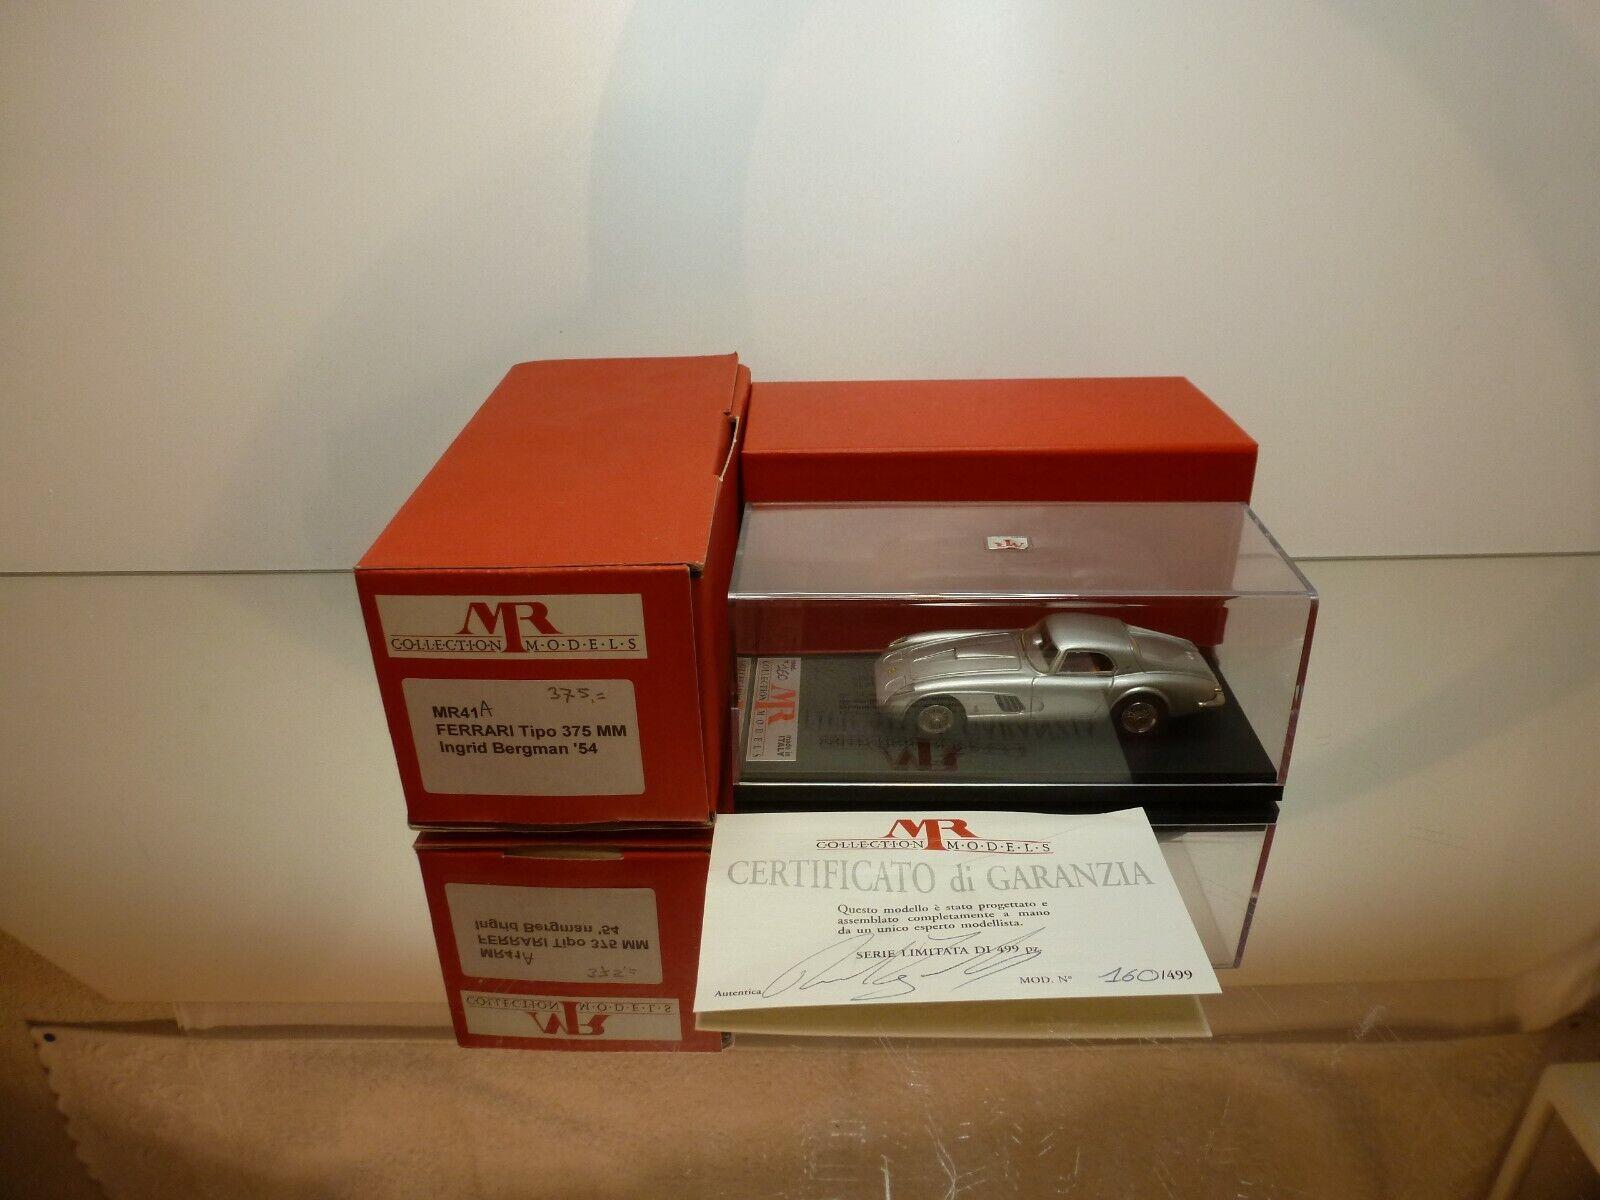 consegna e reso gratuiti MR modelloS FERRARI TIPO 375 375 375 MM - INGRID BERGuomo 1954 - 1 43 RARE - MINT IN scatola  consegna veloce